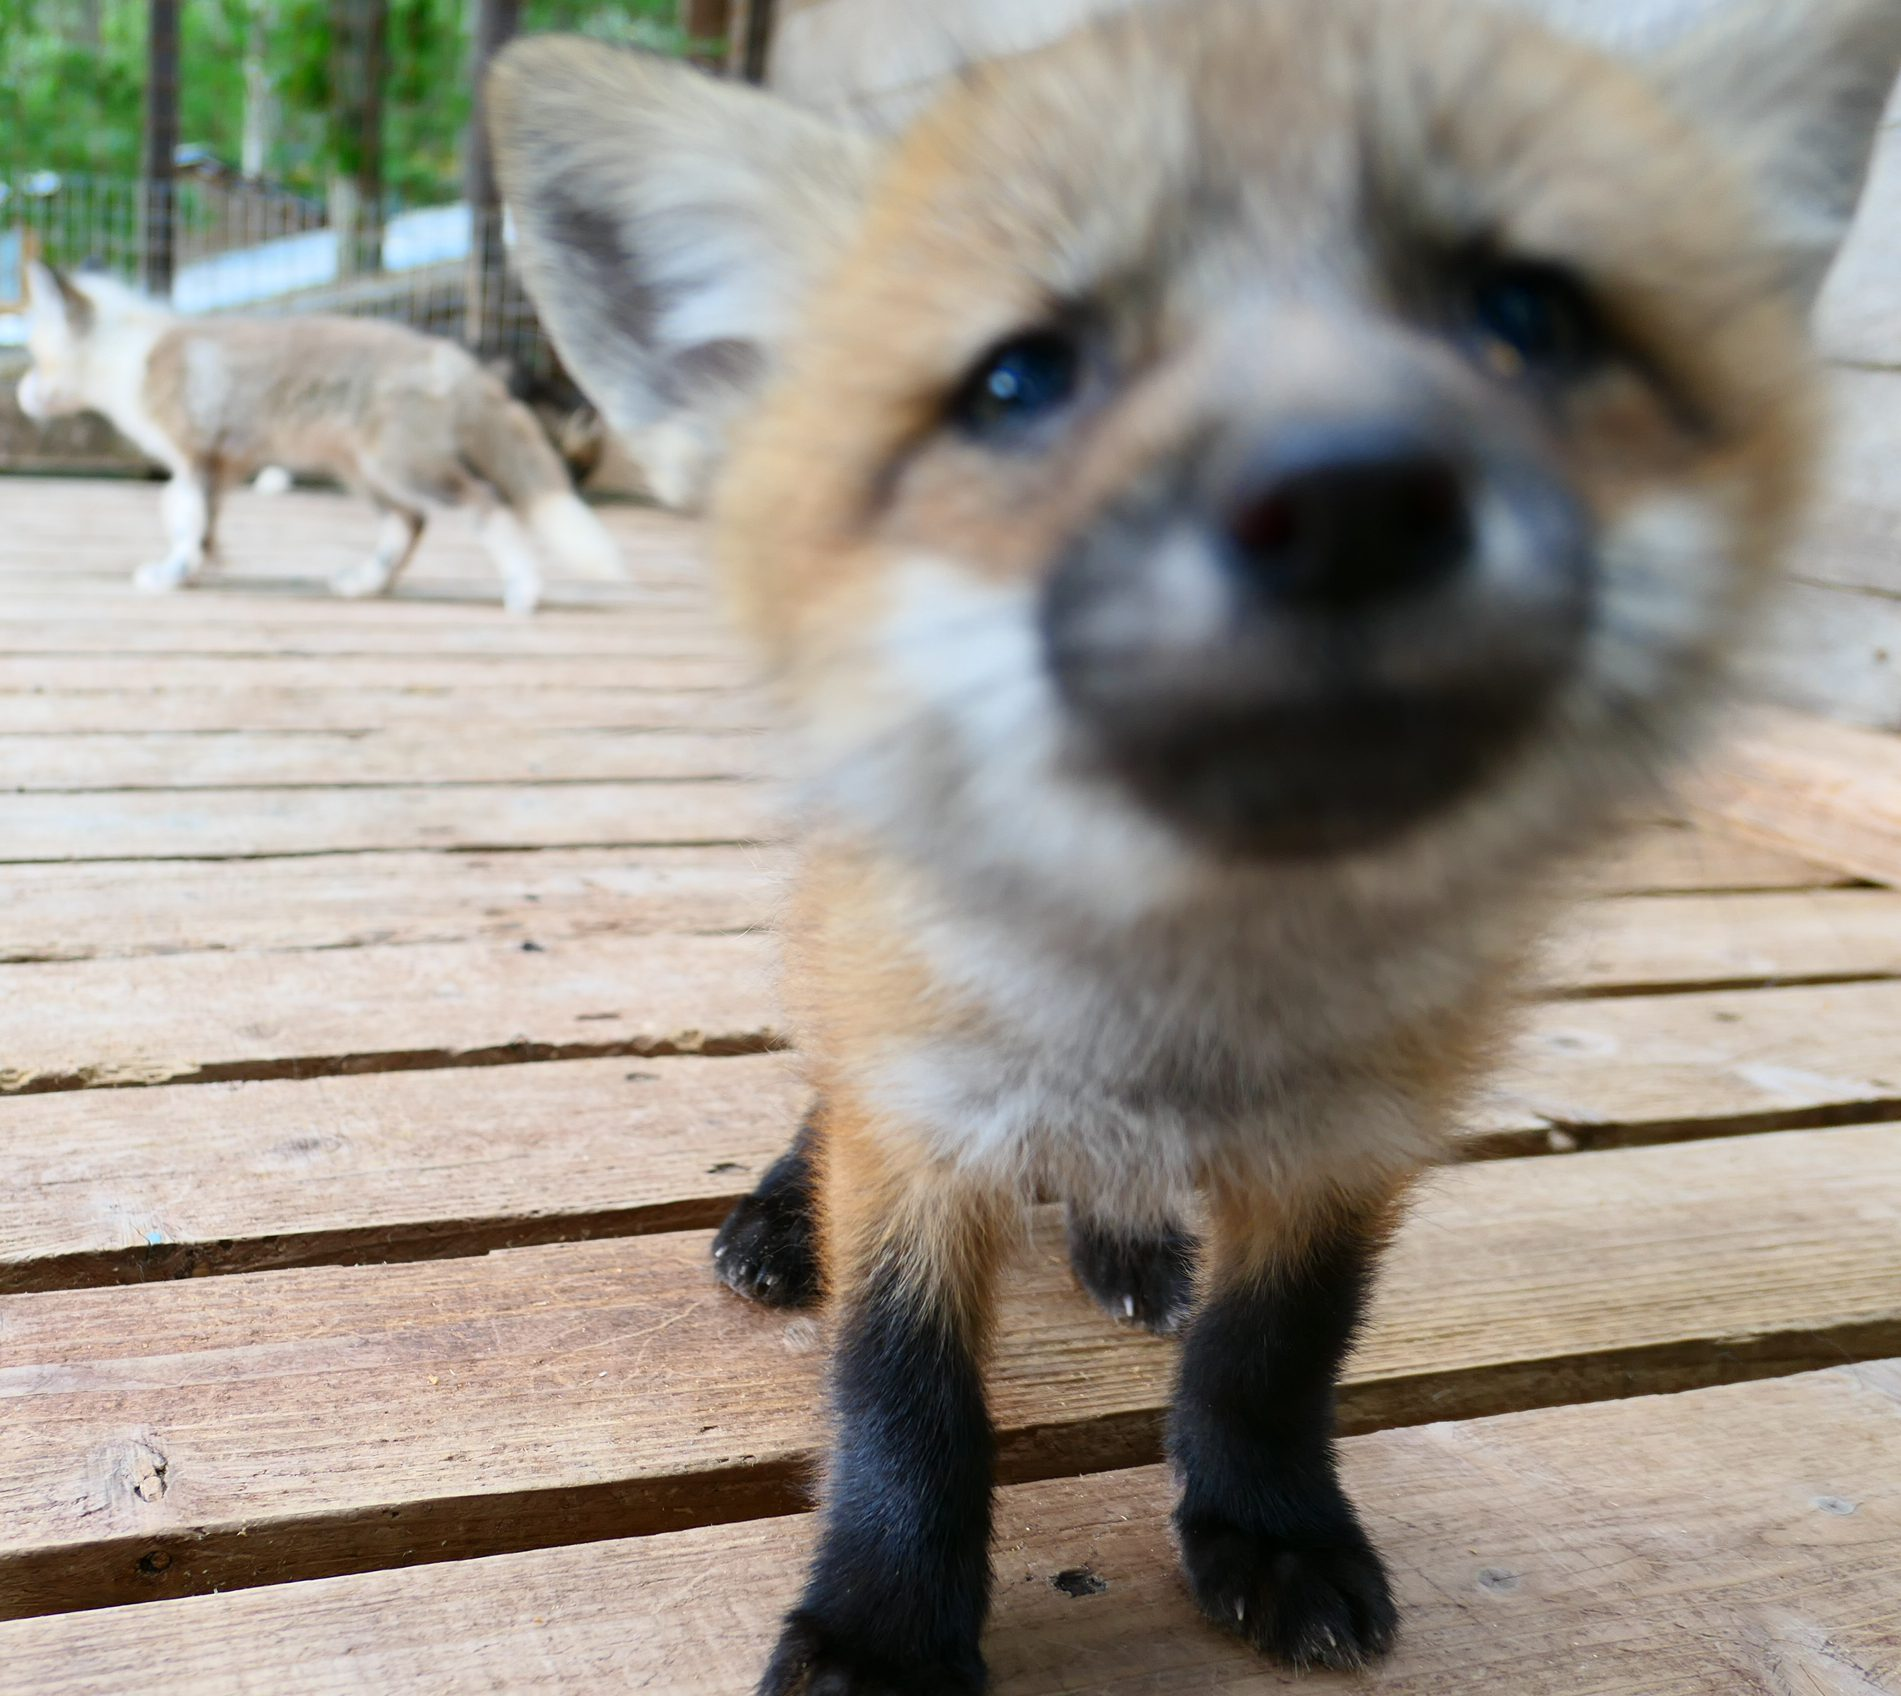 もふもふ!狐だらけの宮城蔵王キツネ村の楽しみ方を語る。